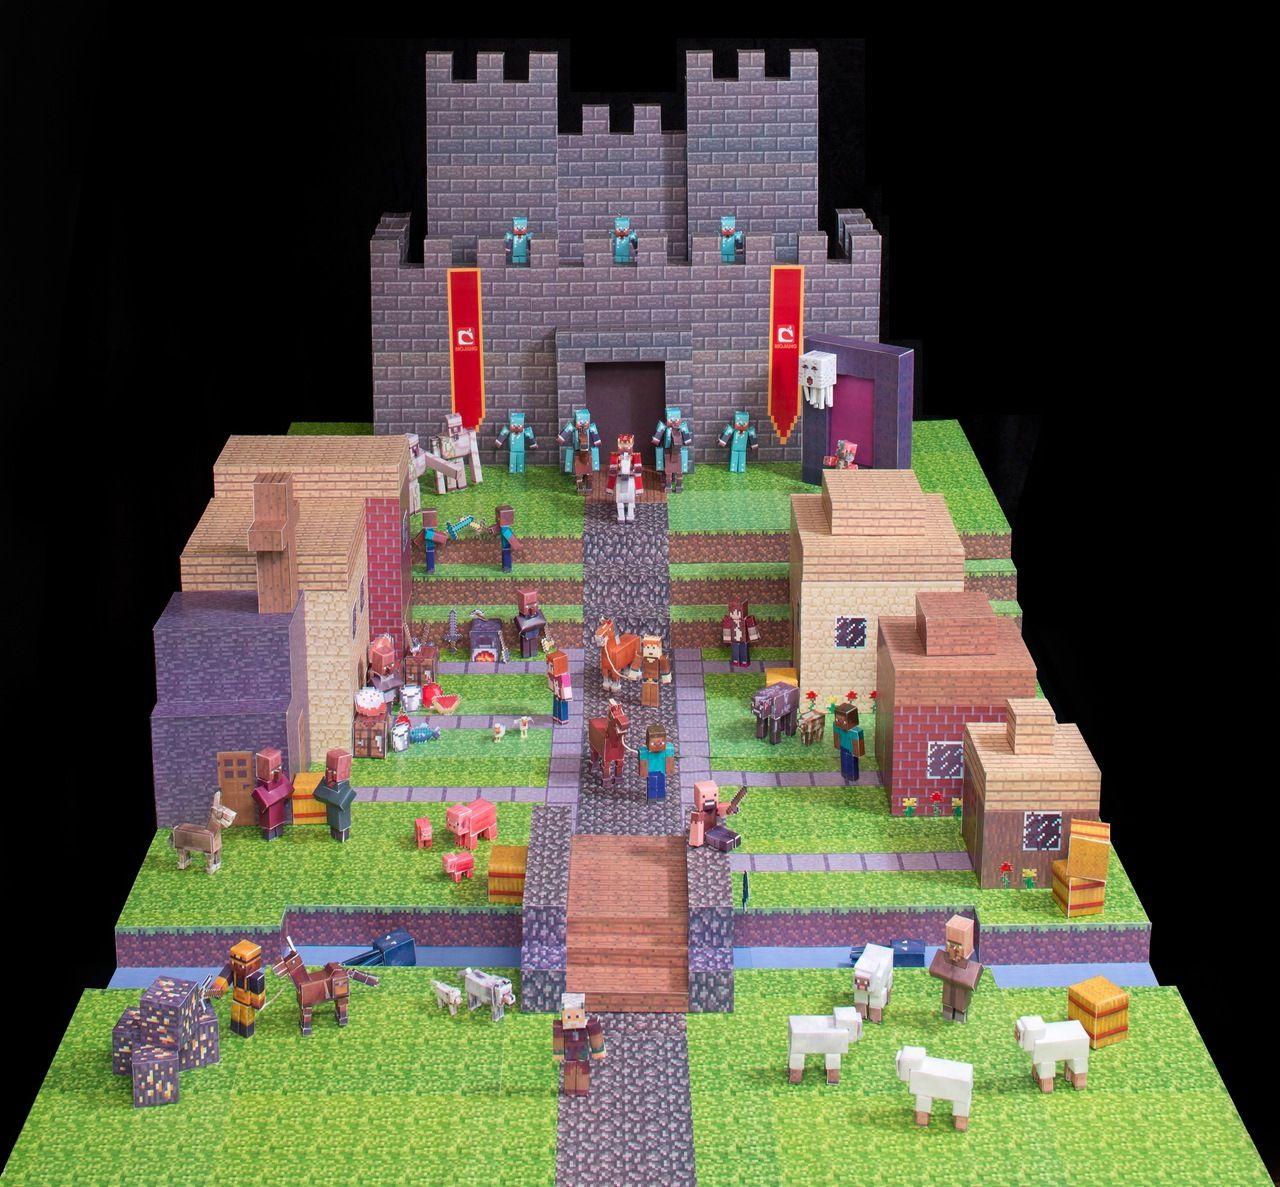 Minecraft Stadt Papercraft Papertoys Pinterest Minecraft - Minecraft hauser dorfbewohner